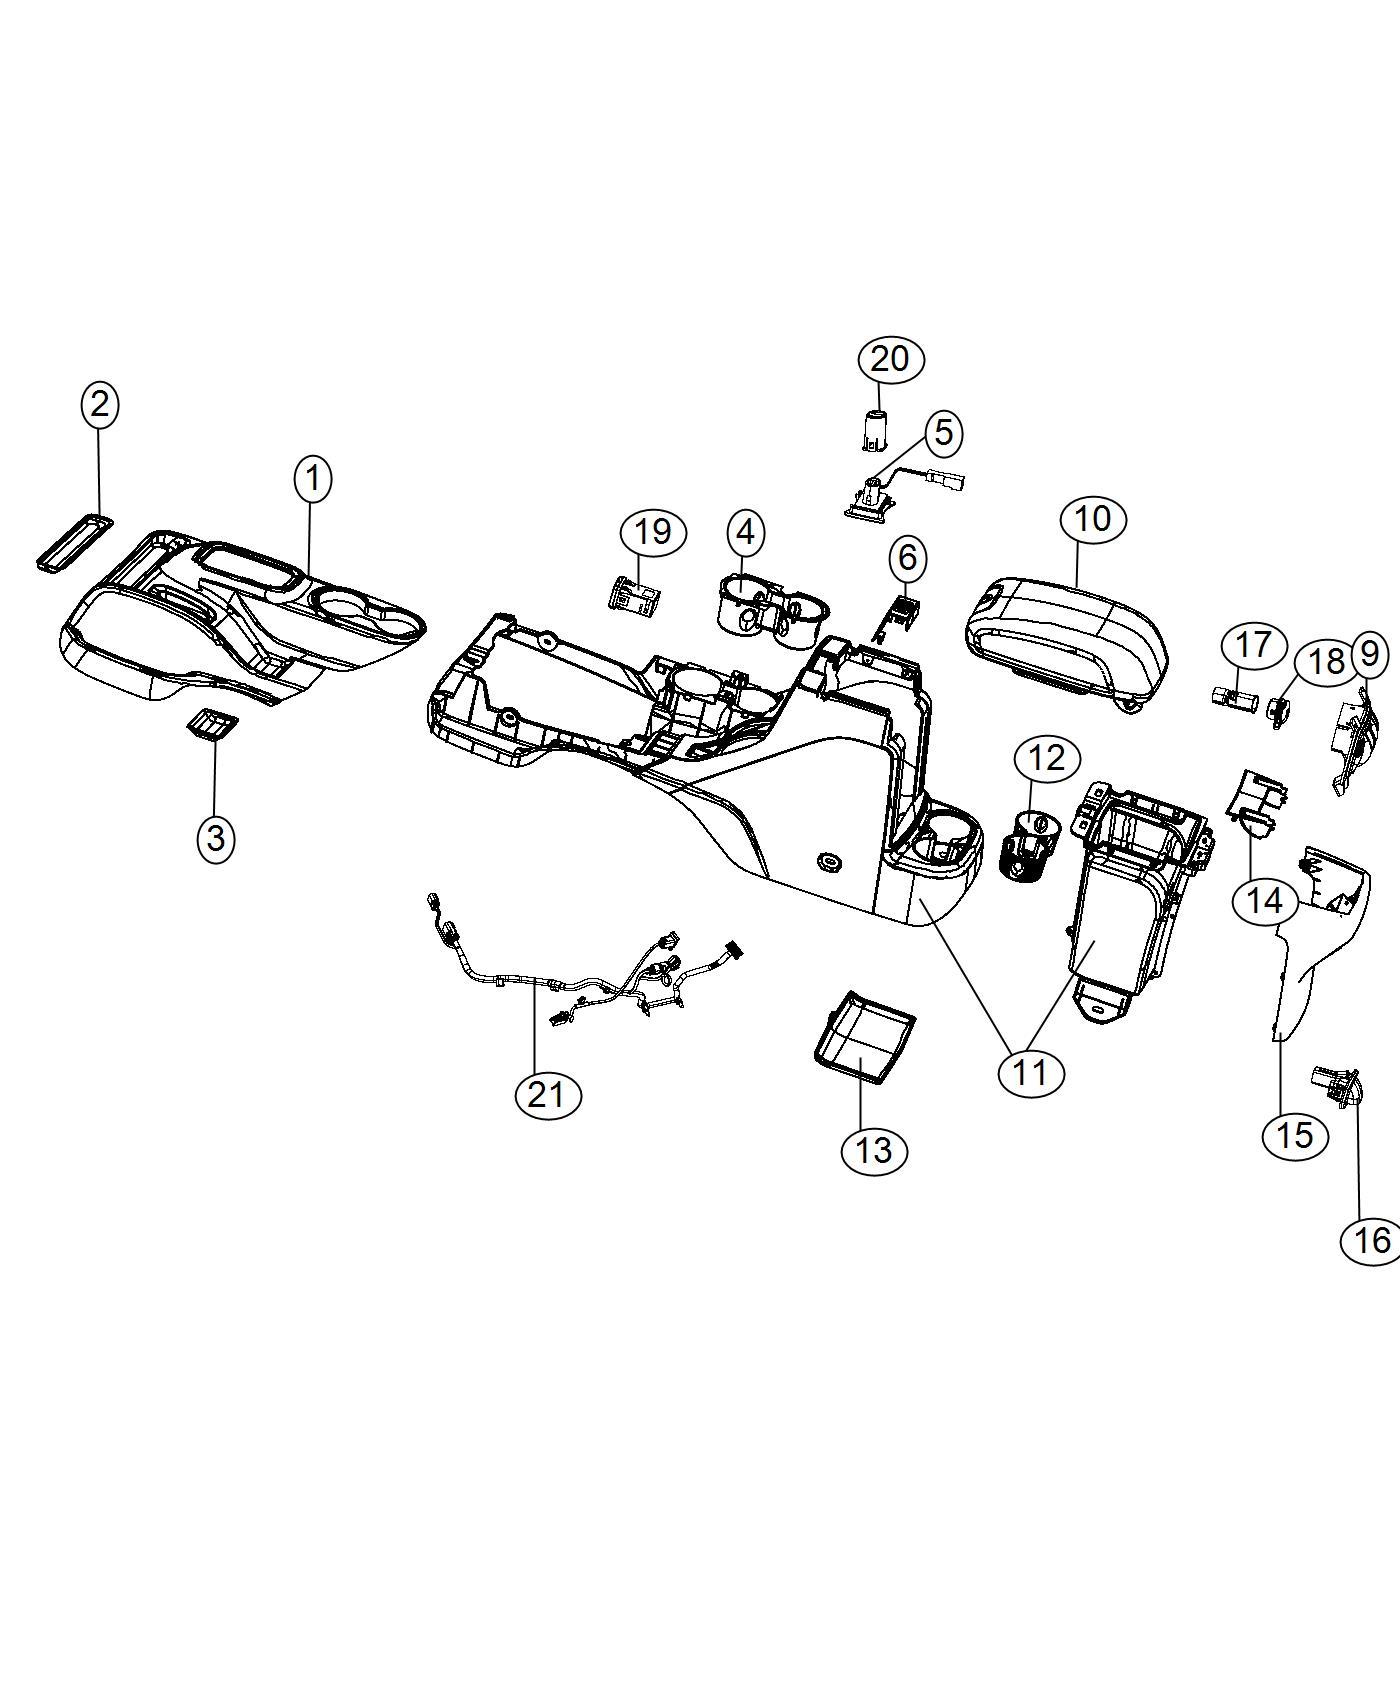 2015 Jeep Wrangler Lid. Center console storage. Trim: (*o0